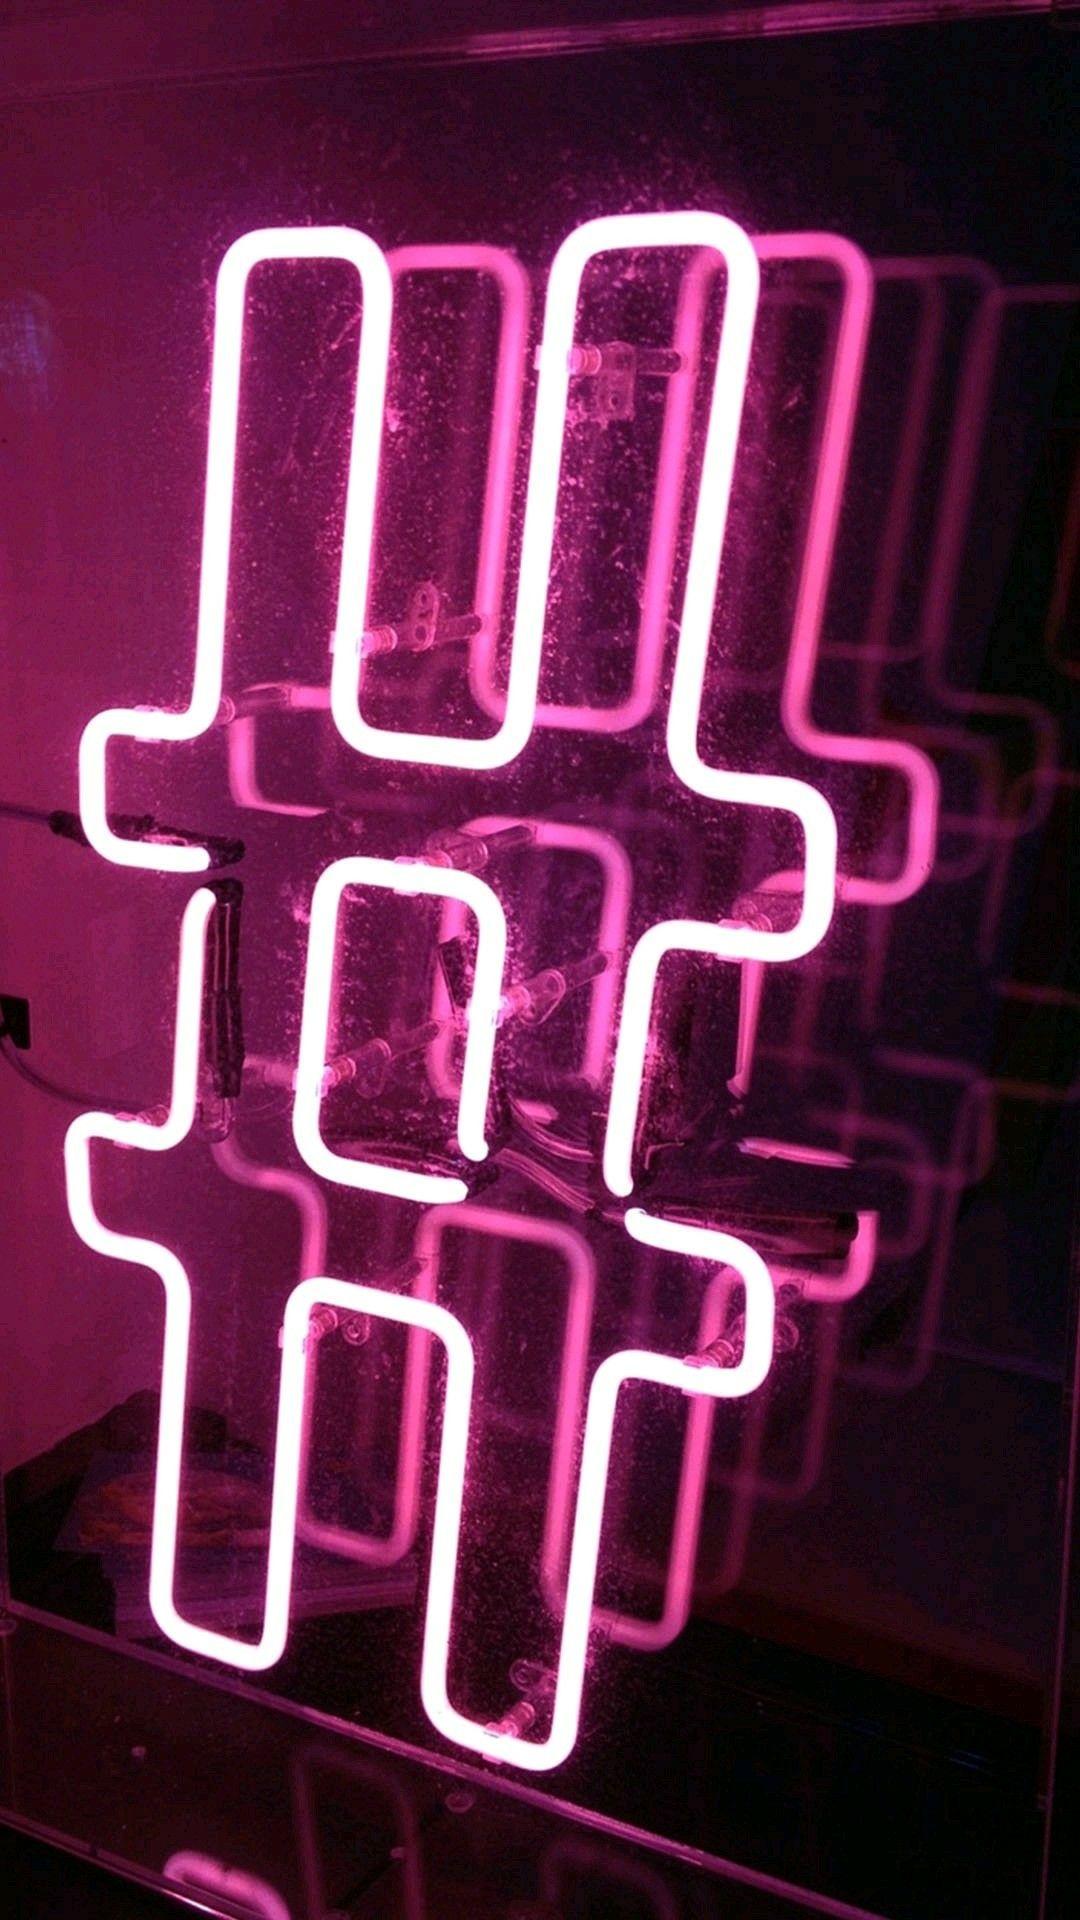 Neon sign Neon signs, Neon wallpaper, Neon aesthetic